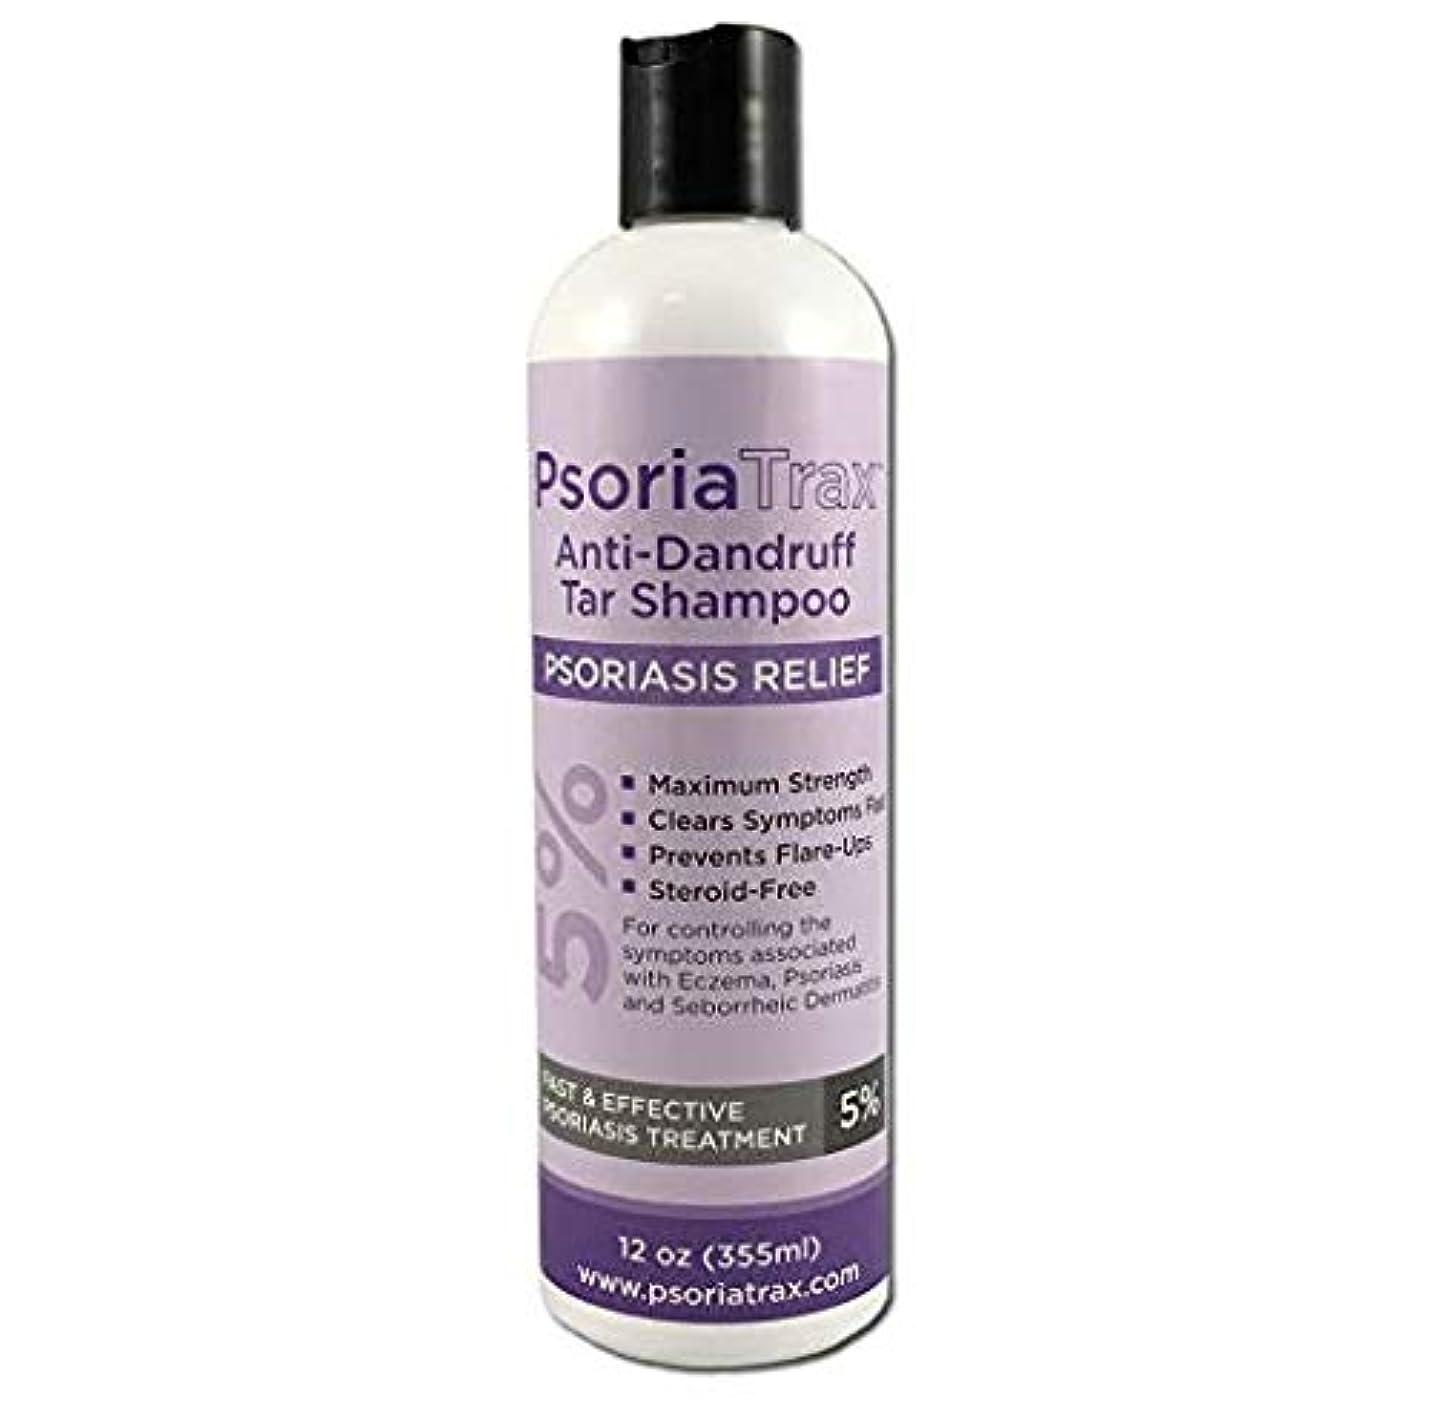 性交固有の火傷5%コールタール含有 かん癬用シャンプー Coal Tar Psoriasis Shampoo Psoriatrax 25% Coal Tar Solution 12oz Bottles- Psoriasis - Equivalent...